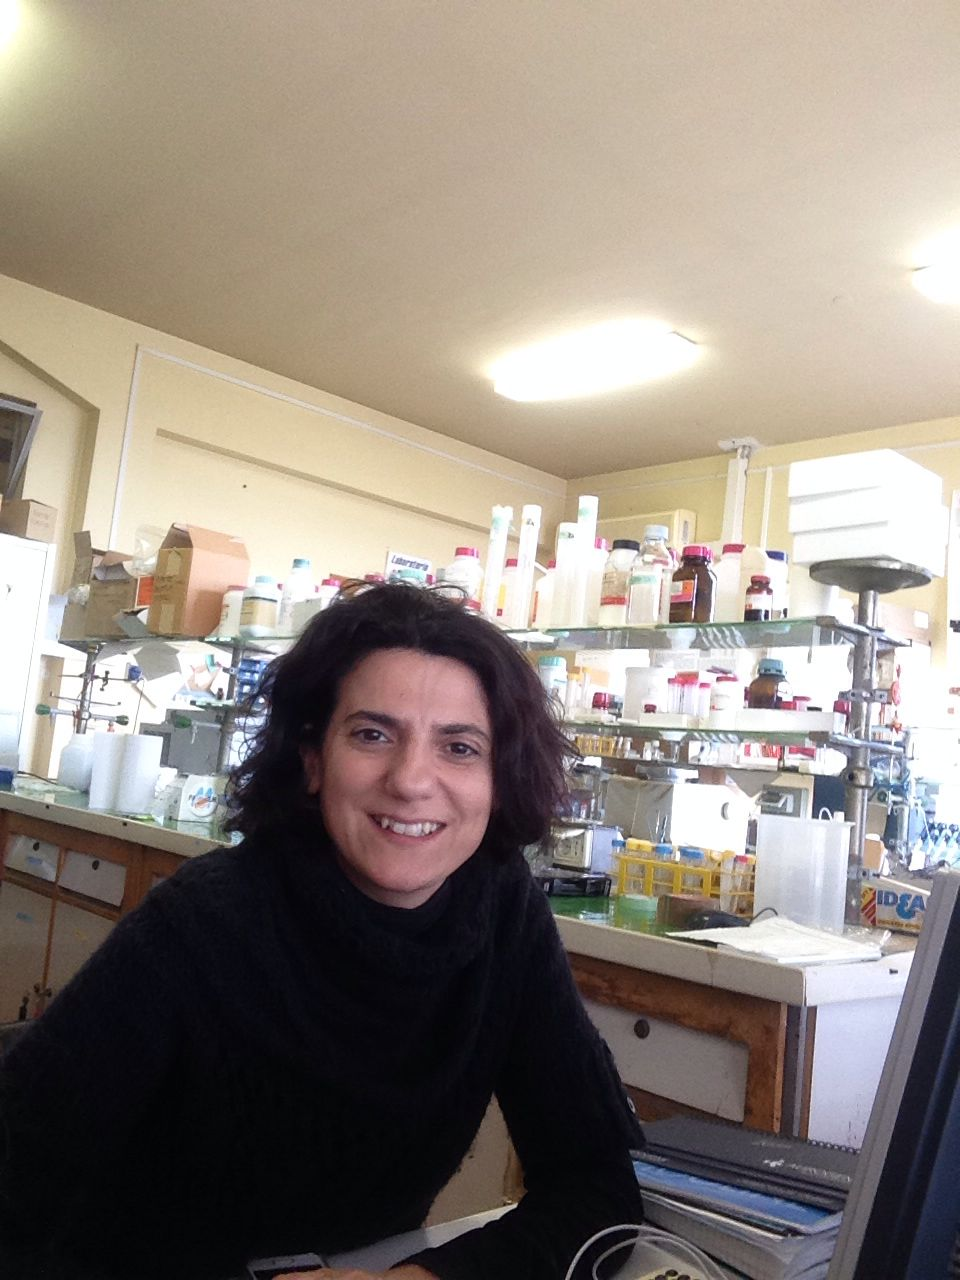 Sciandra Francesca